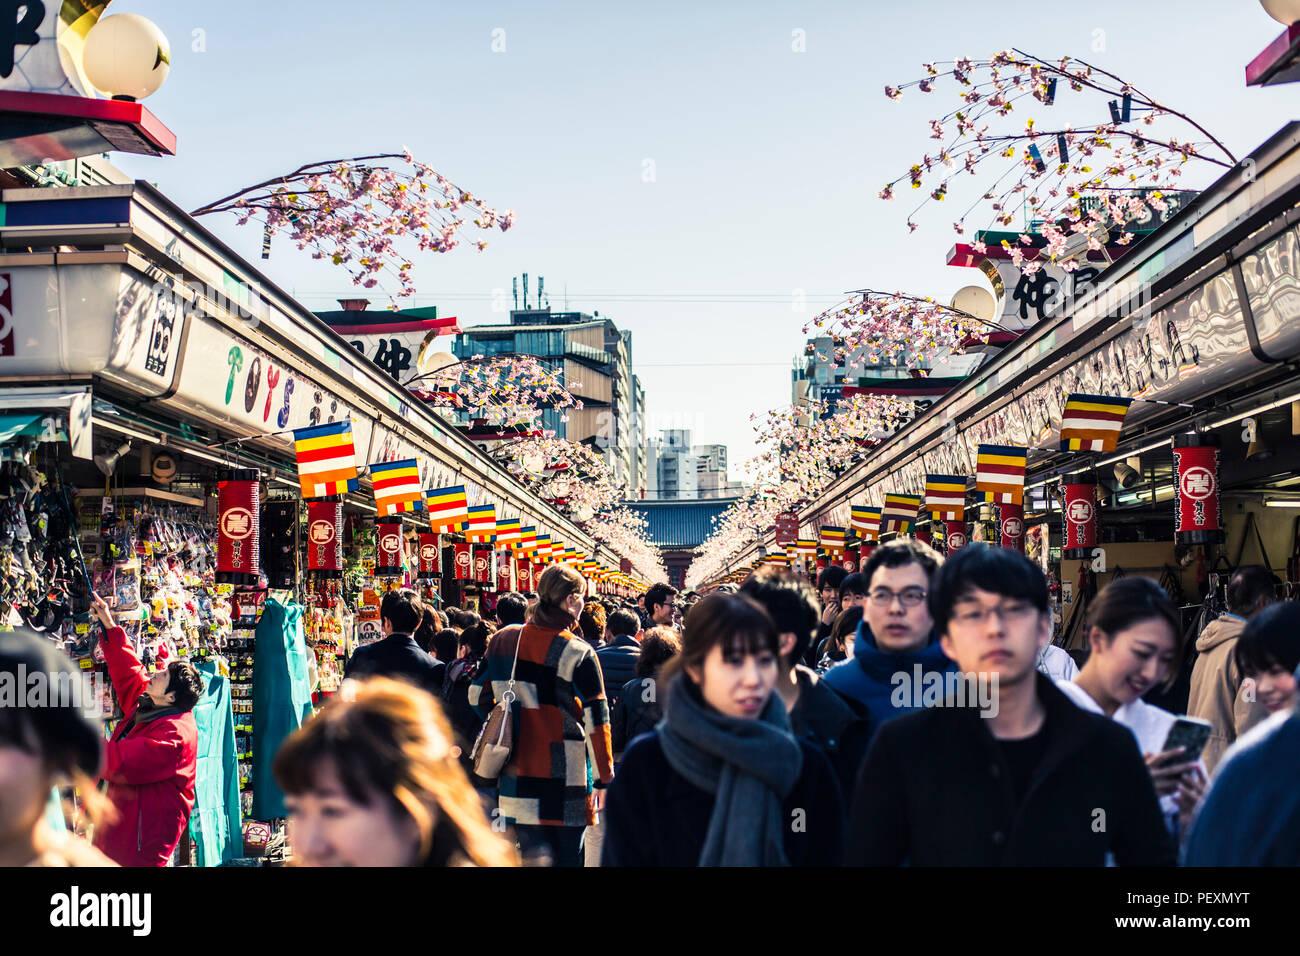 Street Market in Asakusa in der Nähe von Senso-ji-Schrein in Tokio, Japan. Stockfoto